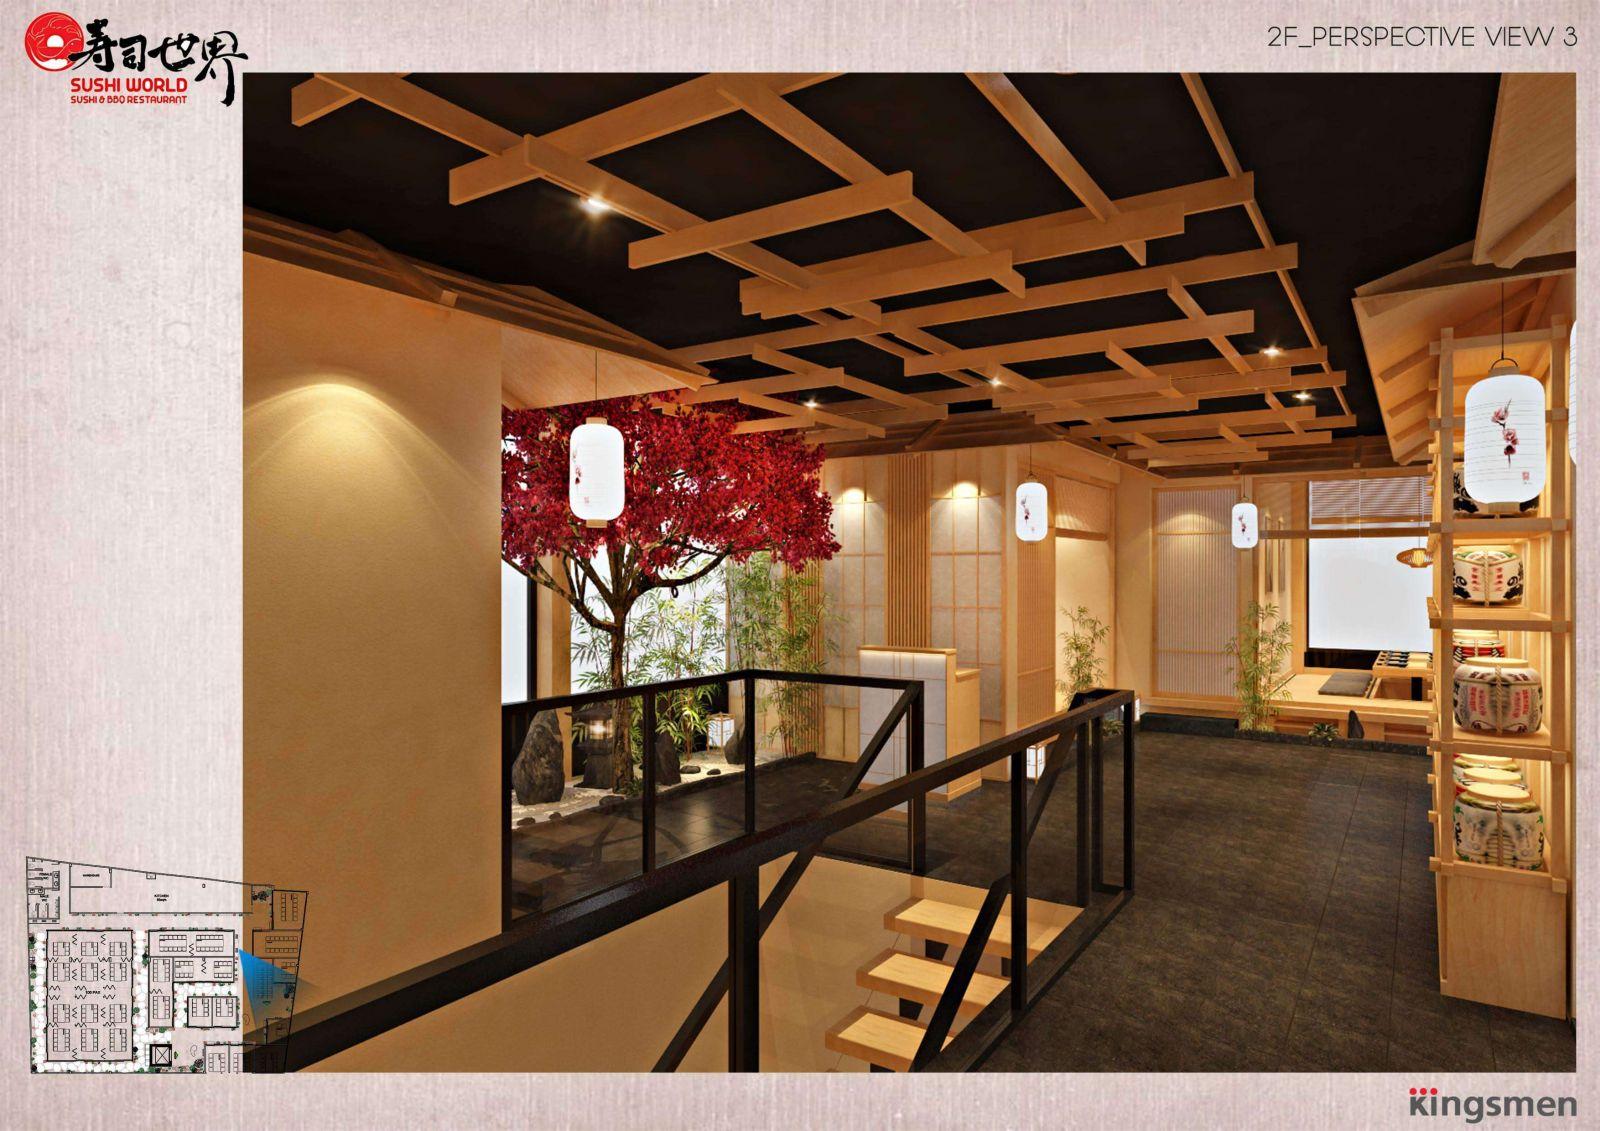 lối đi cầu thang được kingsmen thiết kế tinh tế dành cho nhà hàng sushi world